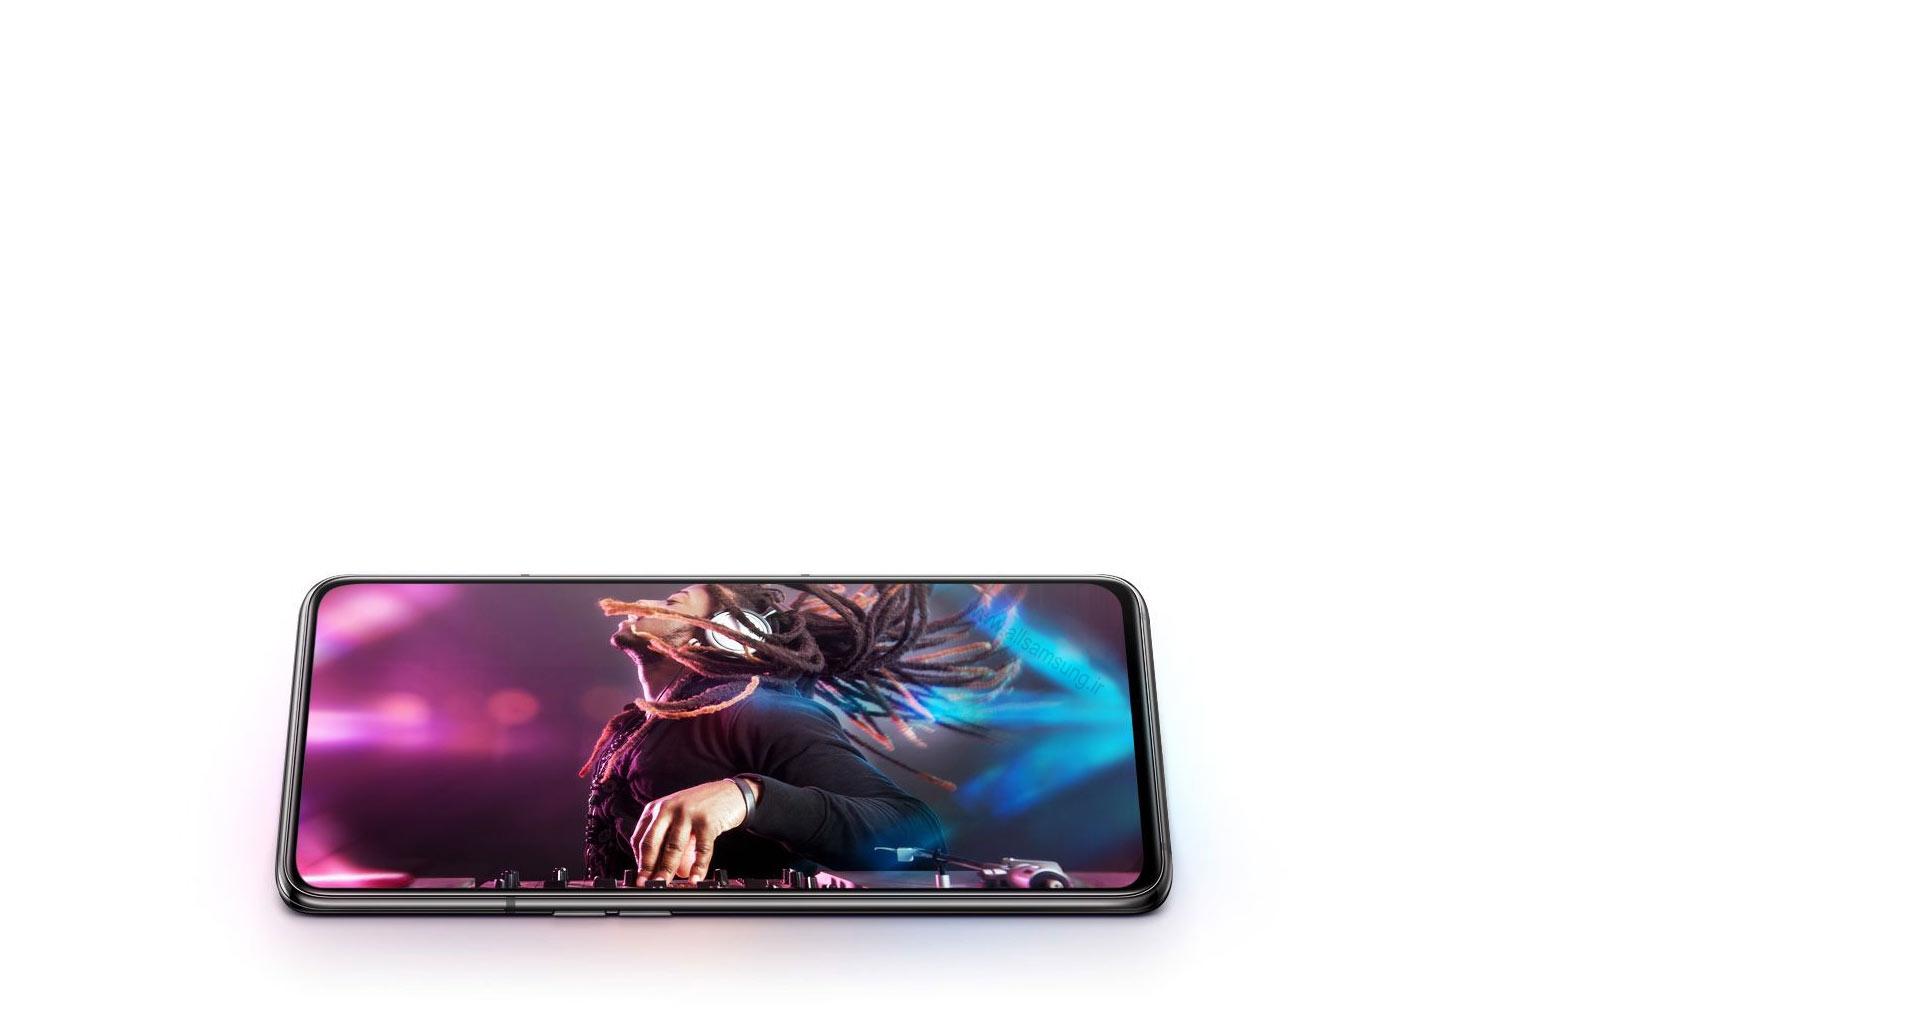 اشتراک گذاری، پخش و اجرای سریع تر با گوشی مدل A805